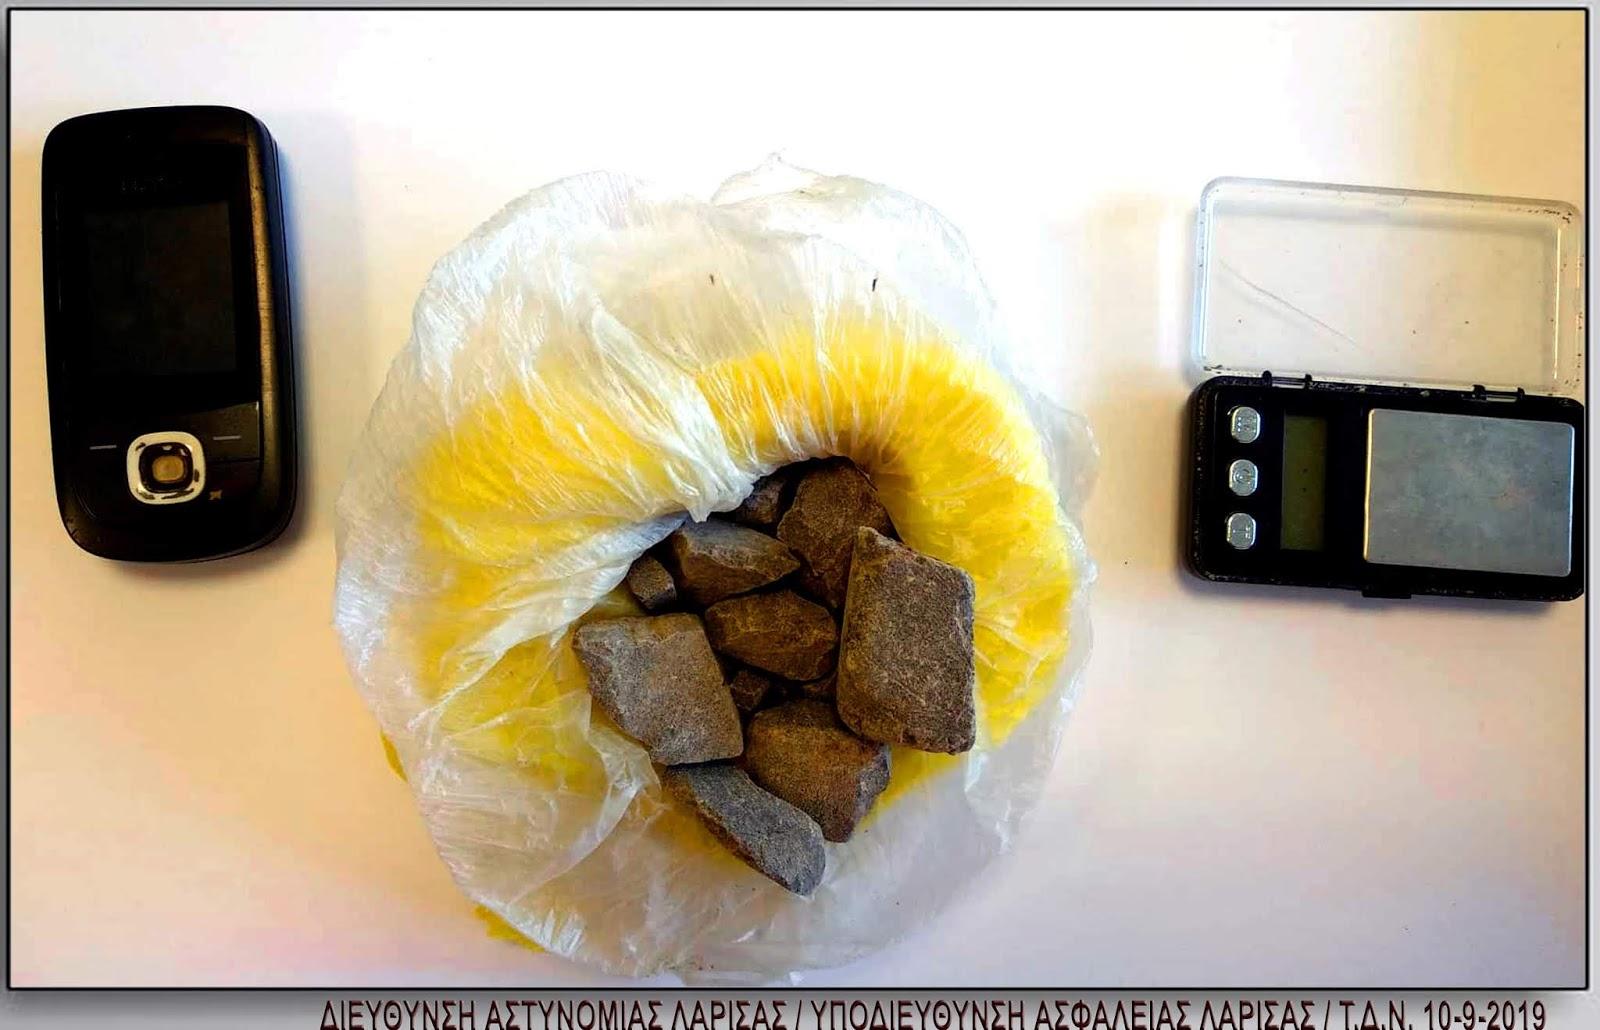 Συνελήφθη 30χρονος στον Τύρναβο για διακίνηση ναρκωτικών